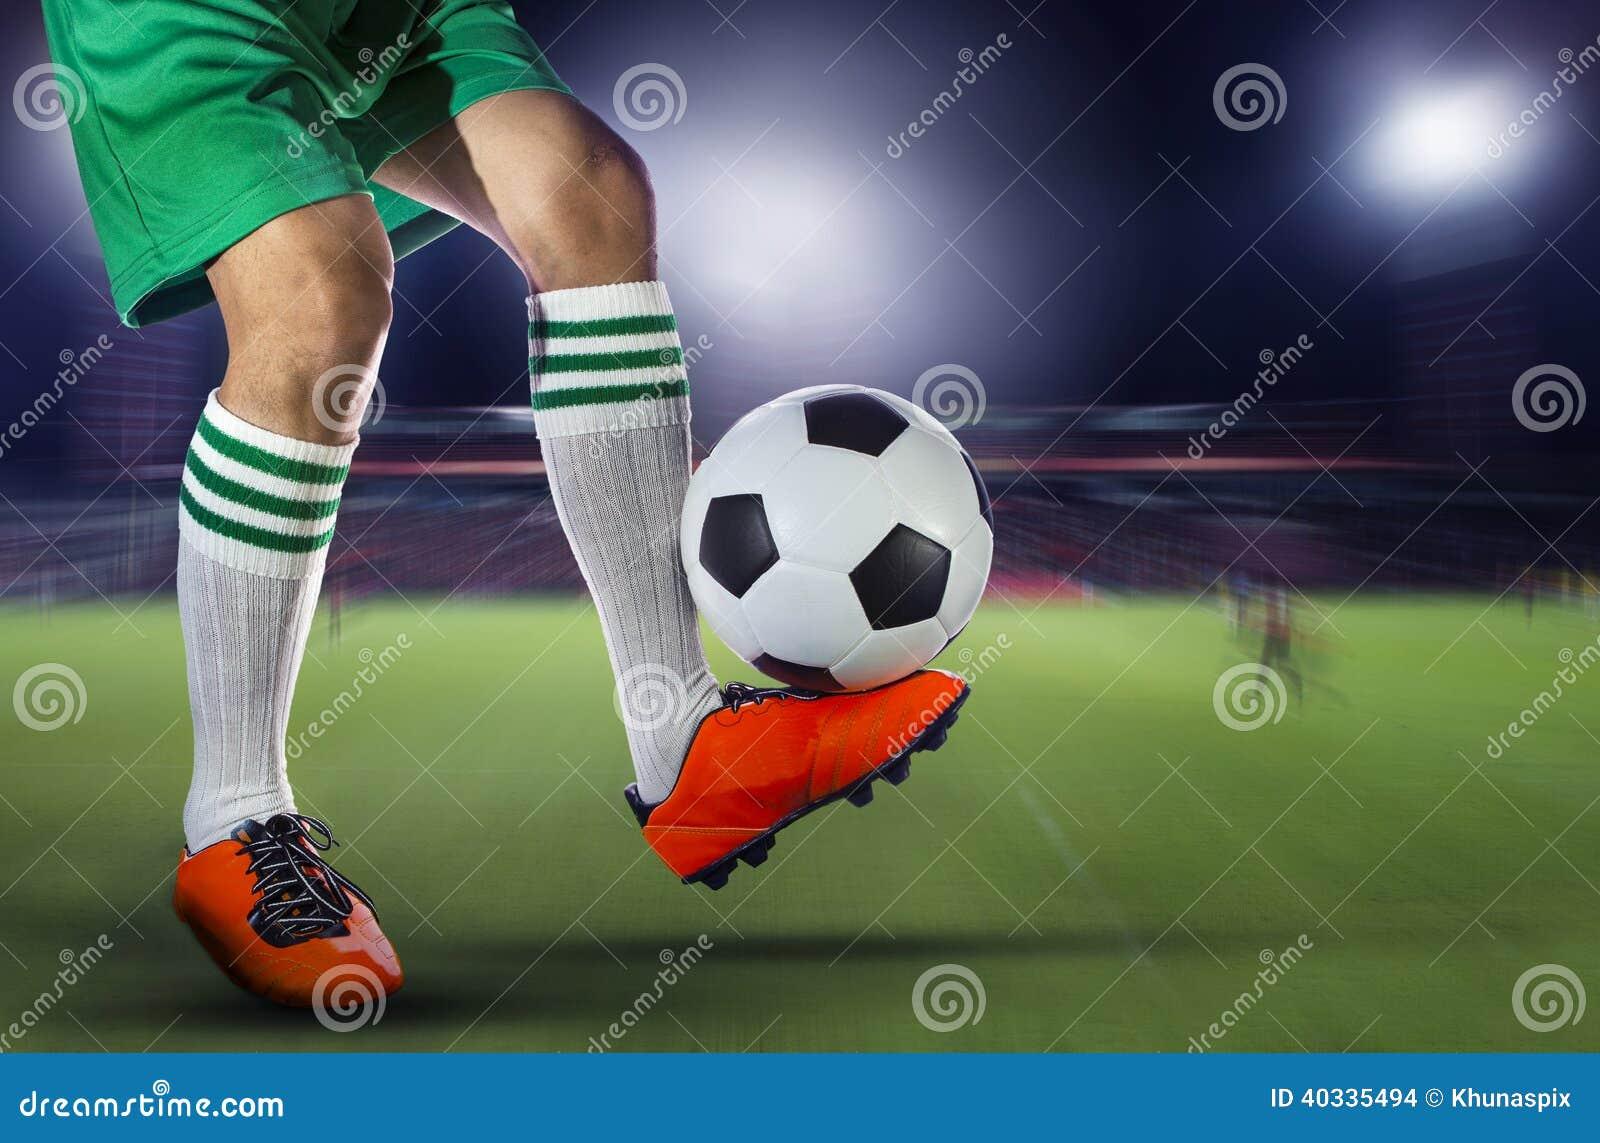 0a6e5b7b969a8 Futbolistas del fútbol y balón de fútbol con la falta de definición de  movimiento del spor